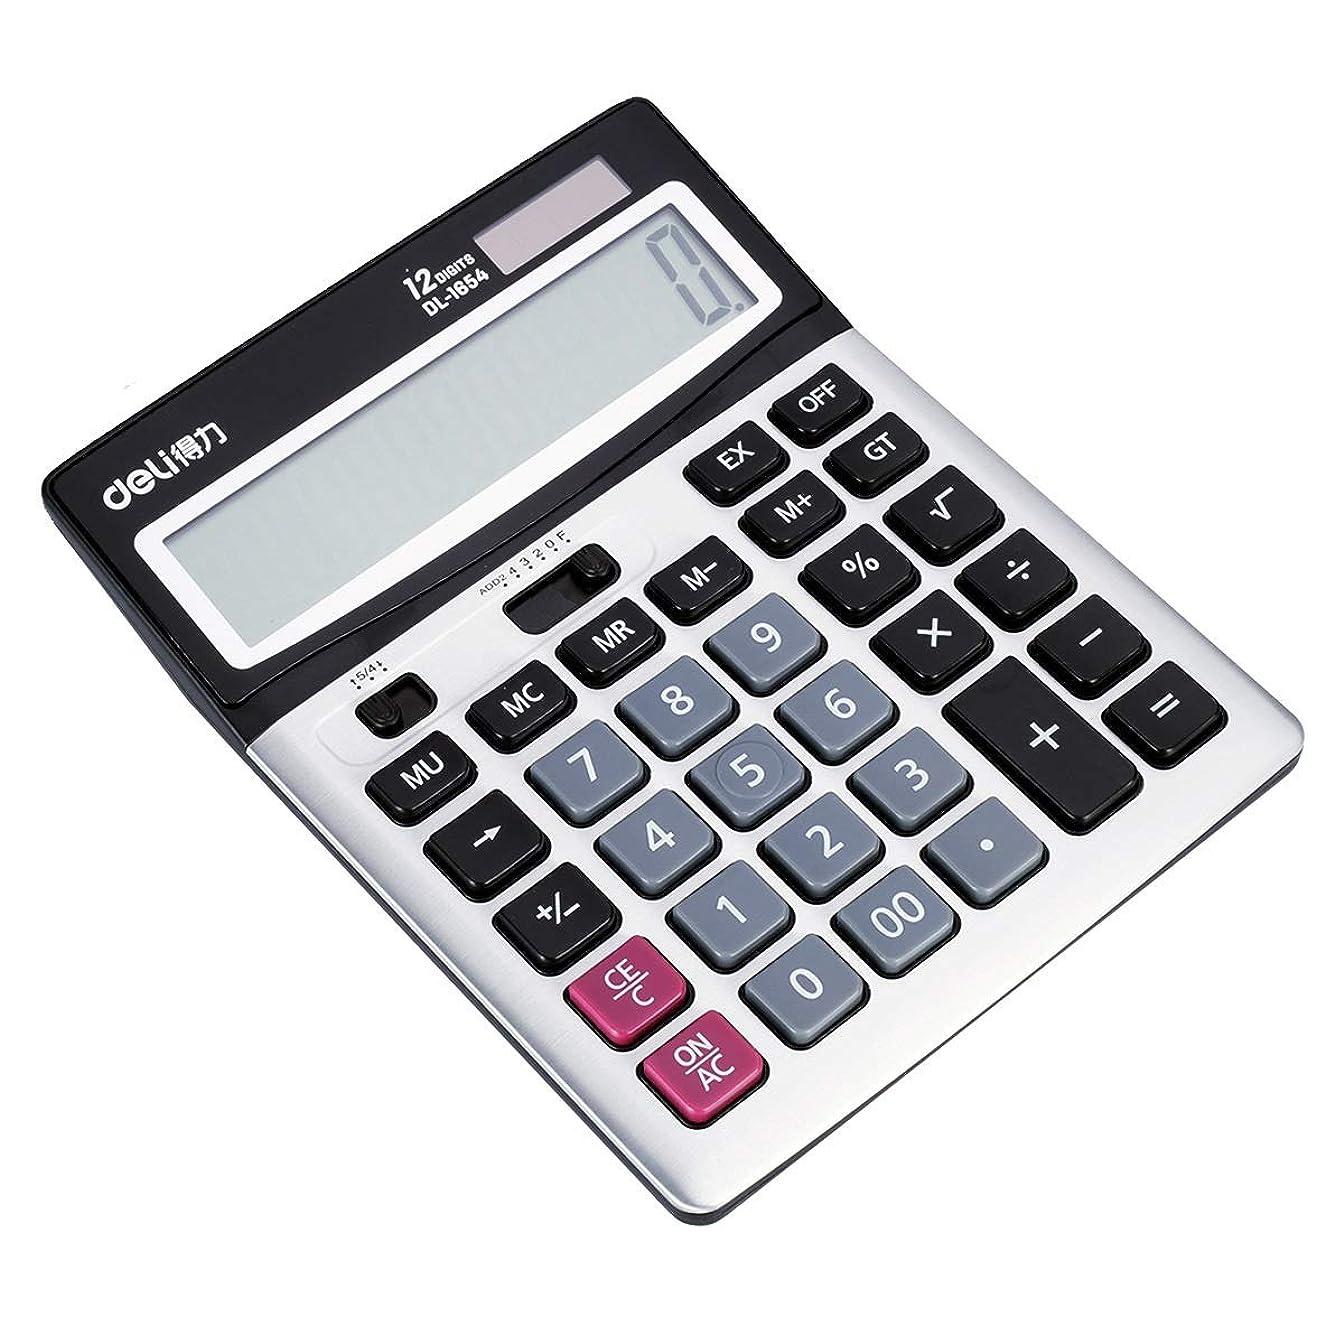 額混合フレット電卓財務会計ソーラーデュアルパワーオフィスビジネス大きなボタン多機能-学生デスクトップコンピュータ12ビット